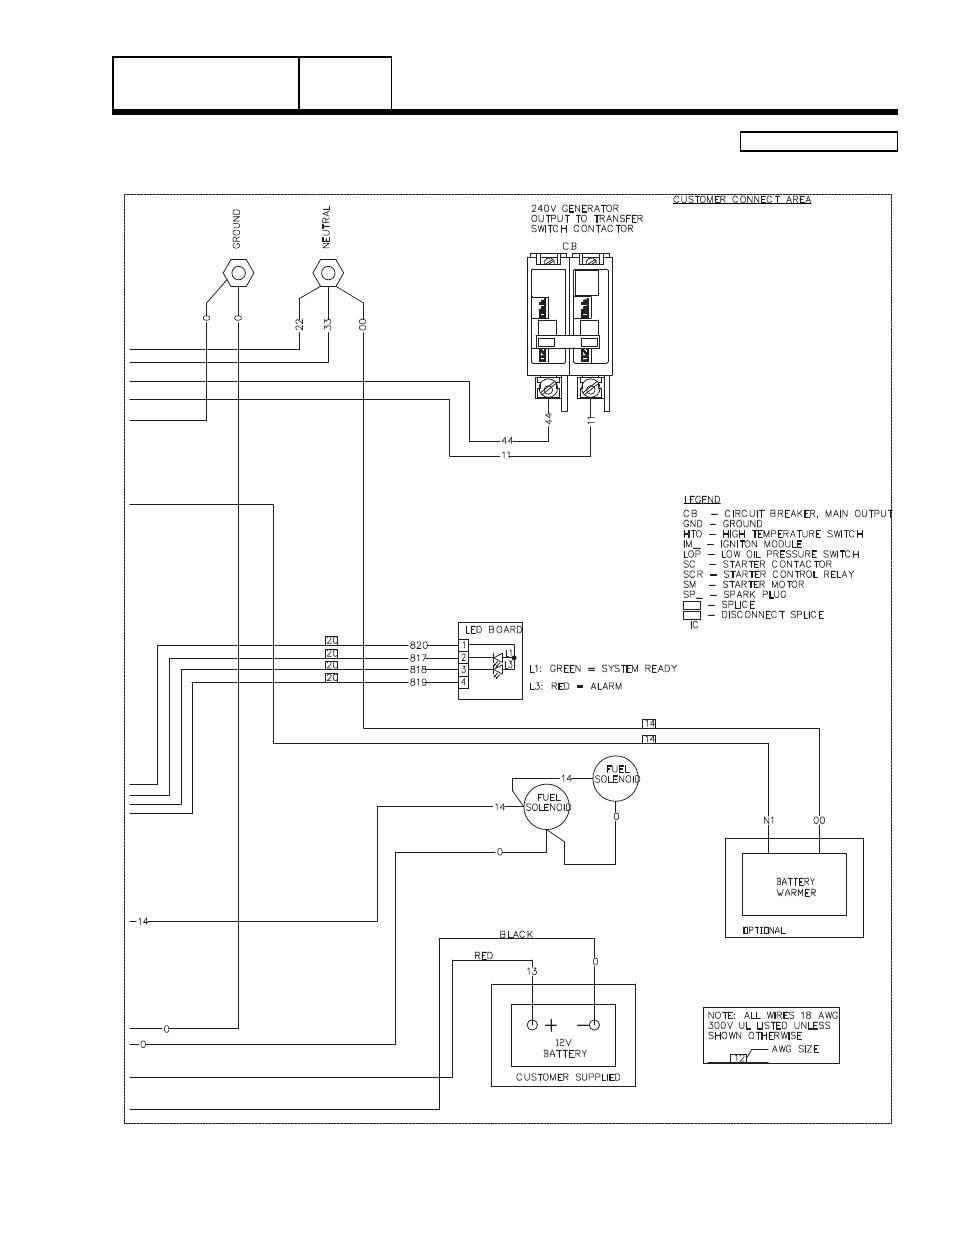 Diagram In Pictures Database 8 Kw Generac Wiring Diagram Just Download Or Read Wiring Diagram Turbosmart Valve Diagram Onyxum Com